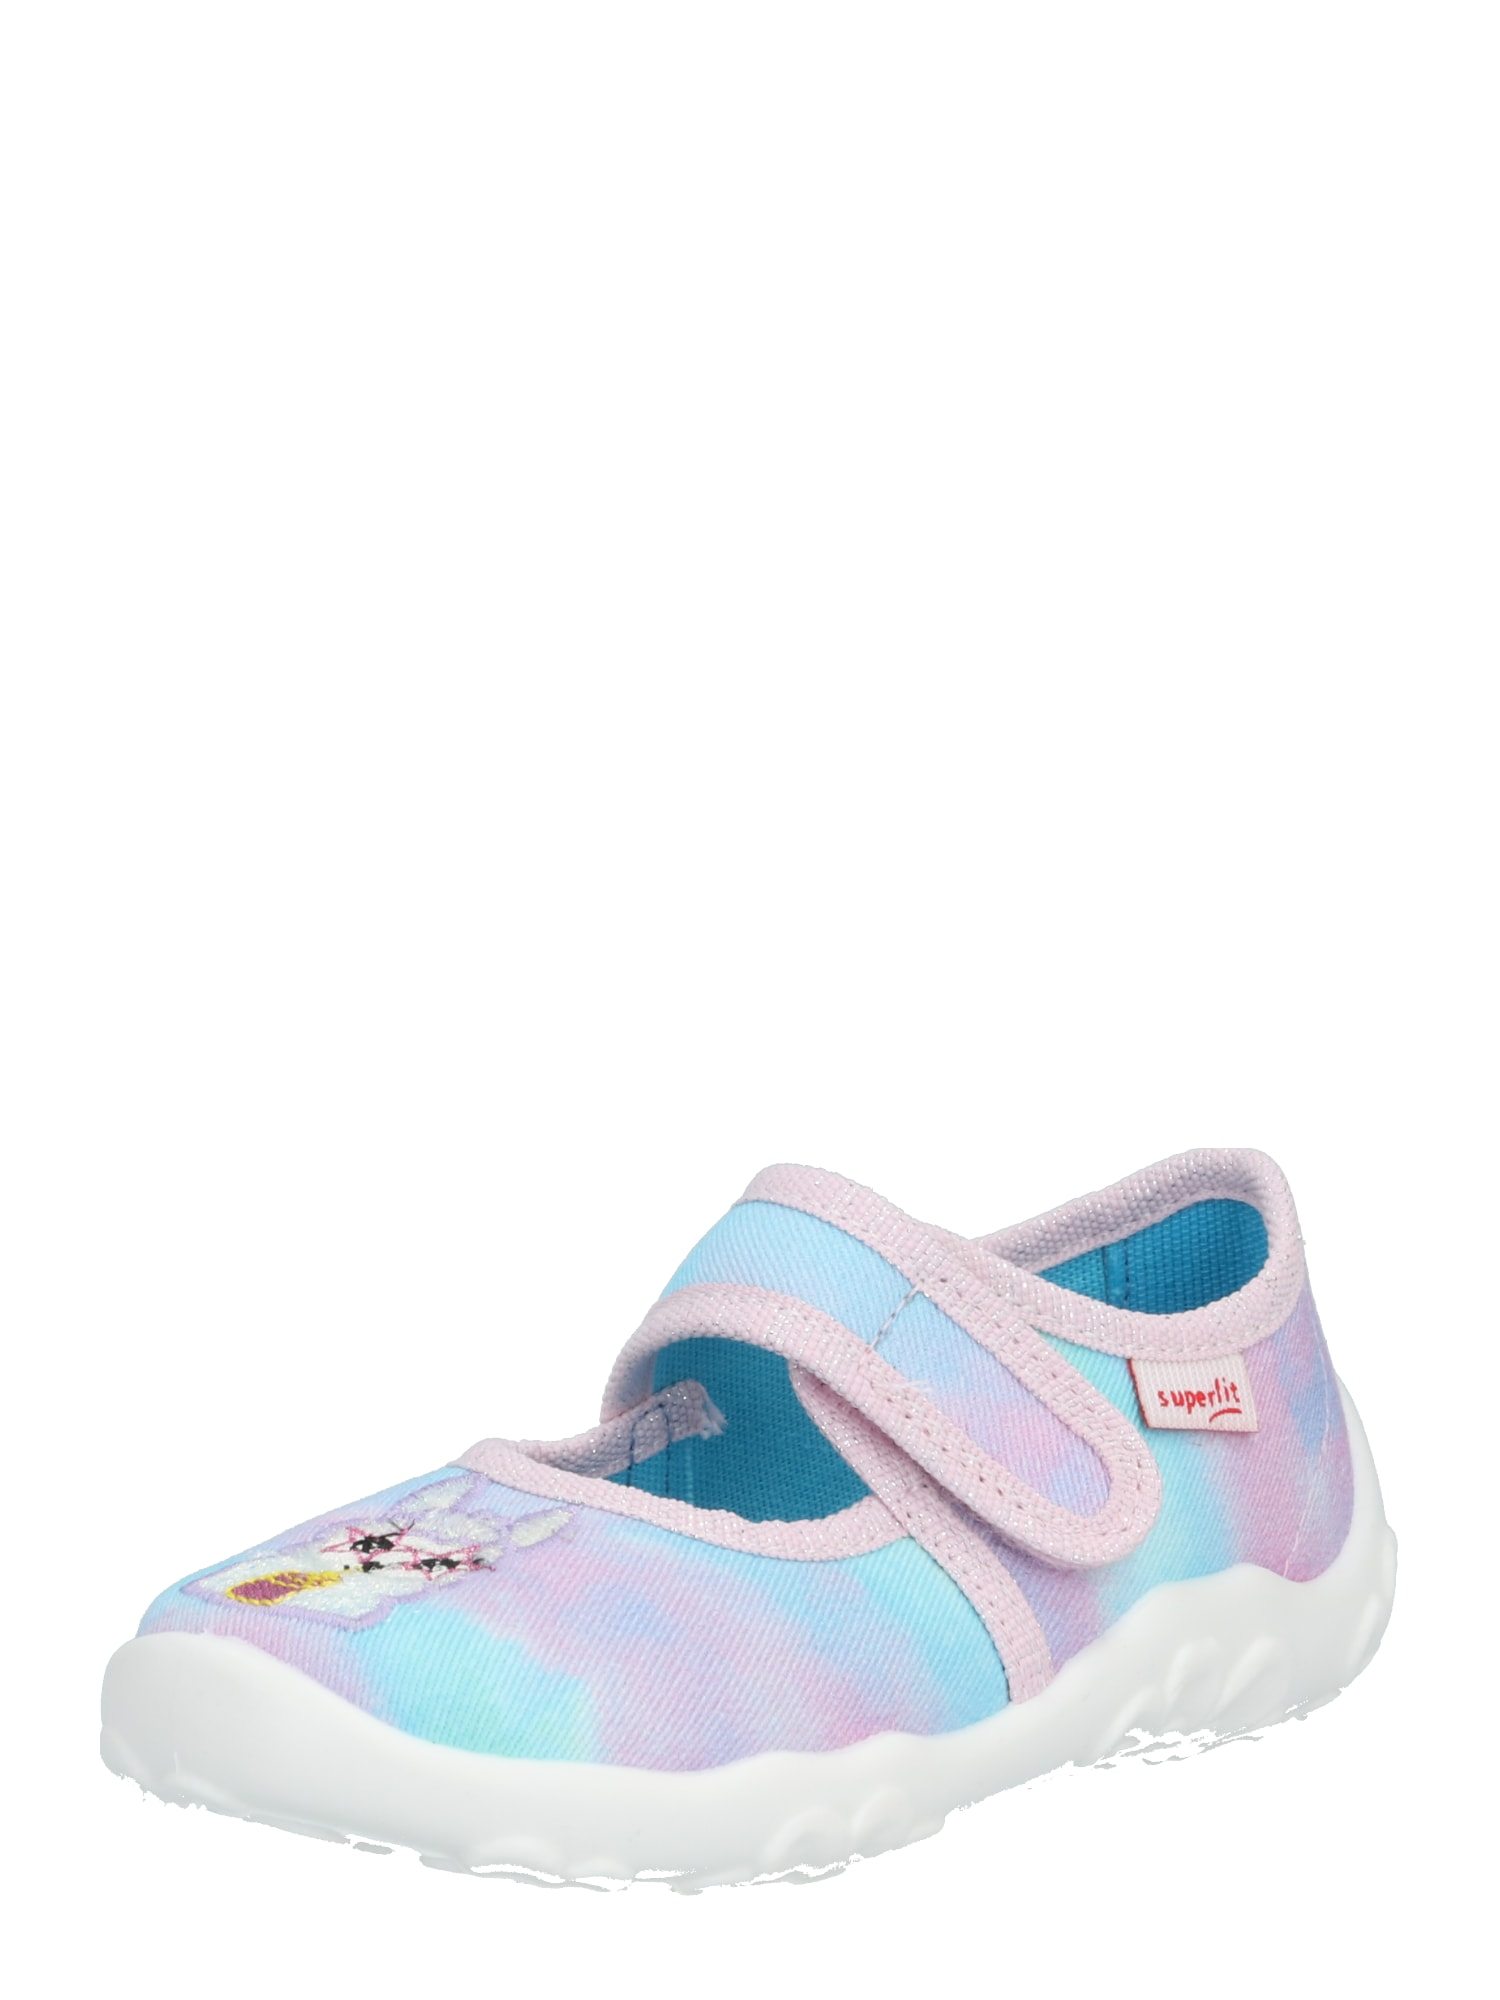 SUPERFIT Baleríny 'BONNY'  aqua modrá / pink / fialová / bílá / žlutá